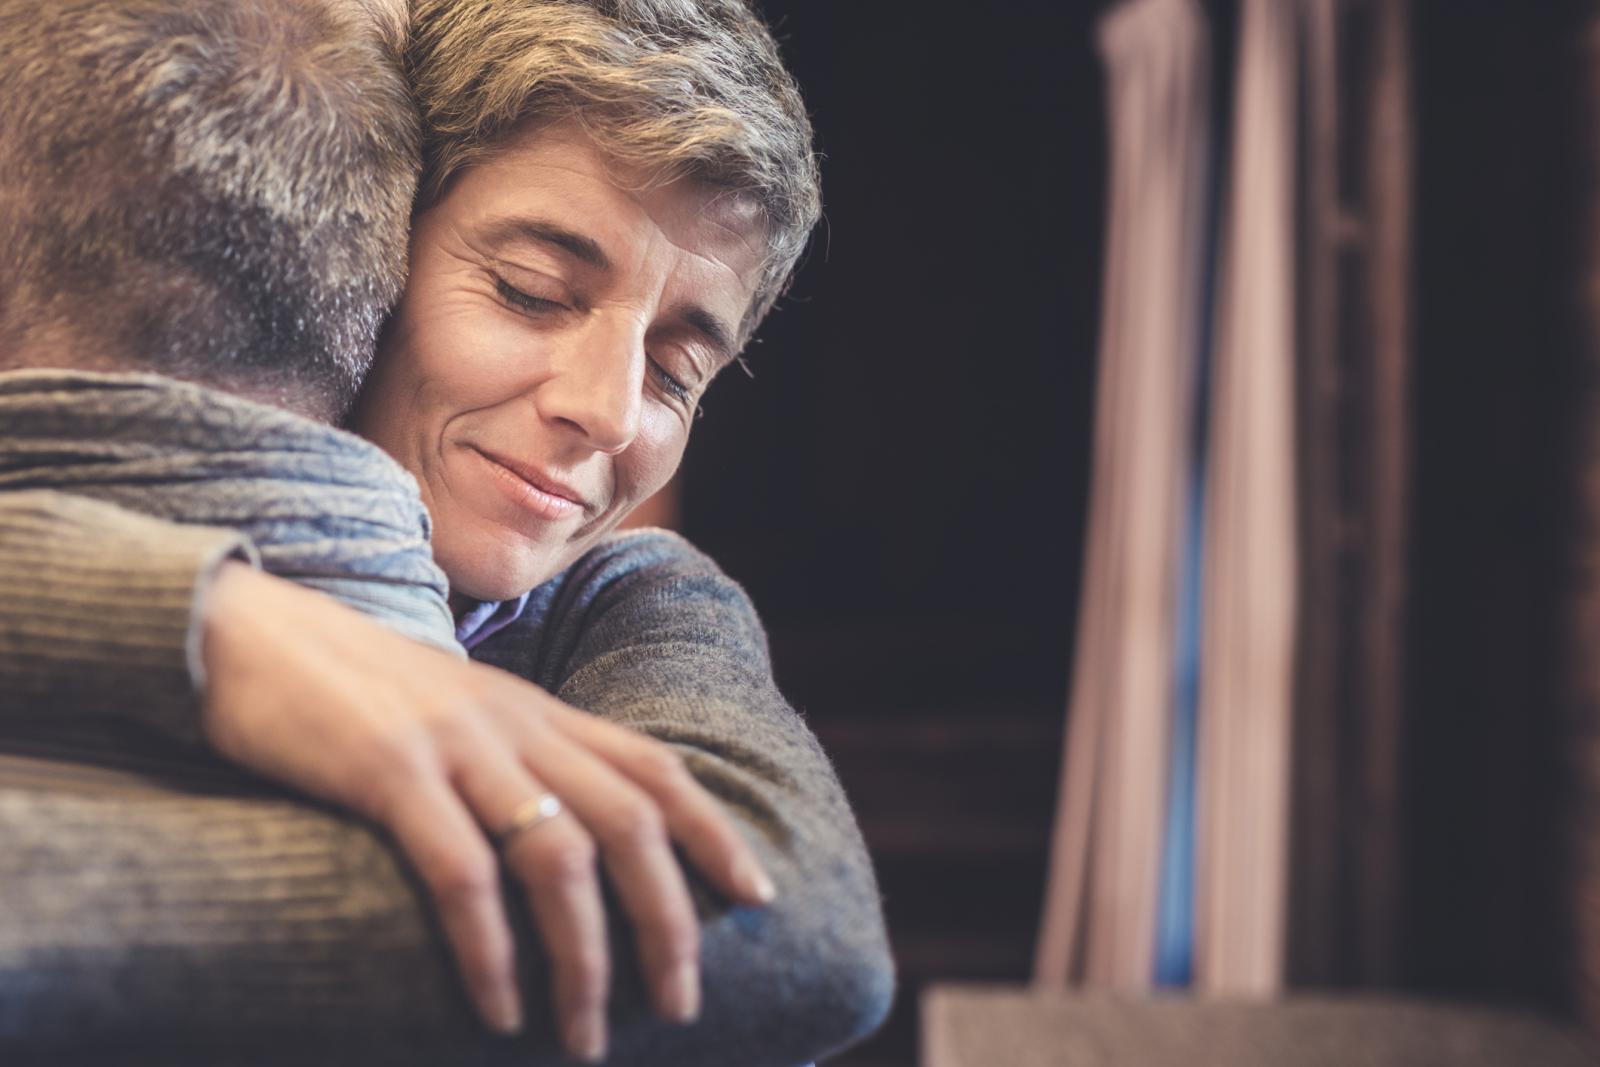 Kako prizvati zaboravljena sjećanja, proživljene trenutke, kako se ponovo povezati s najbližima i mogu li se još jednom potaknuti kognitivne funkcije?